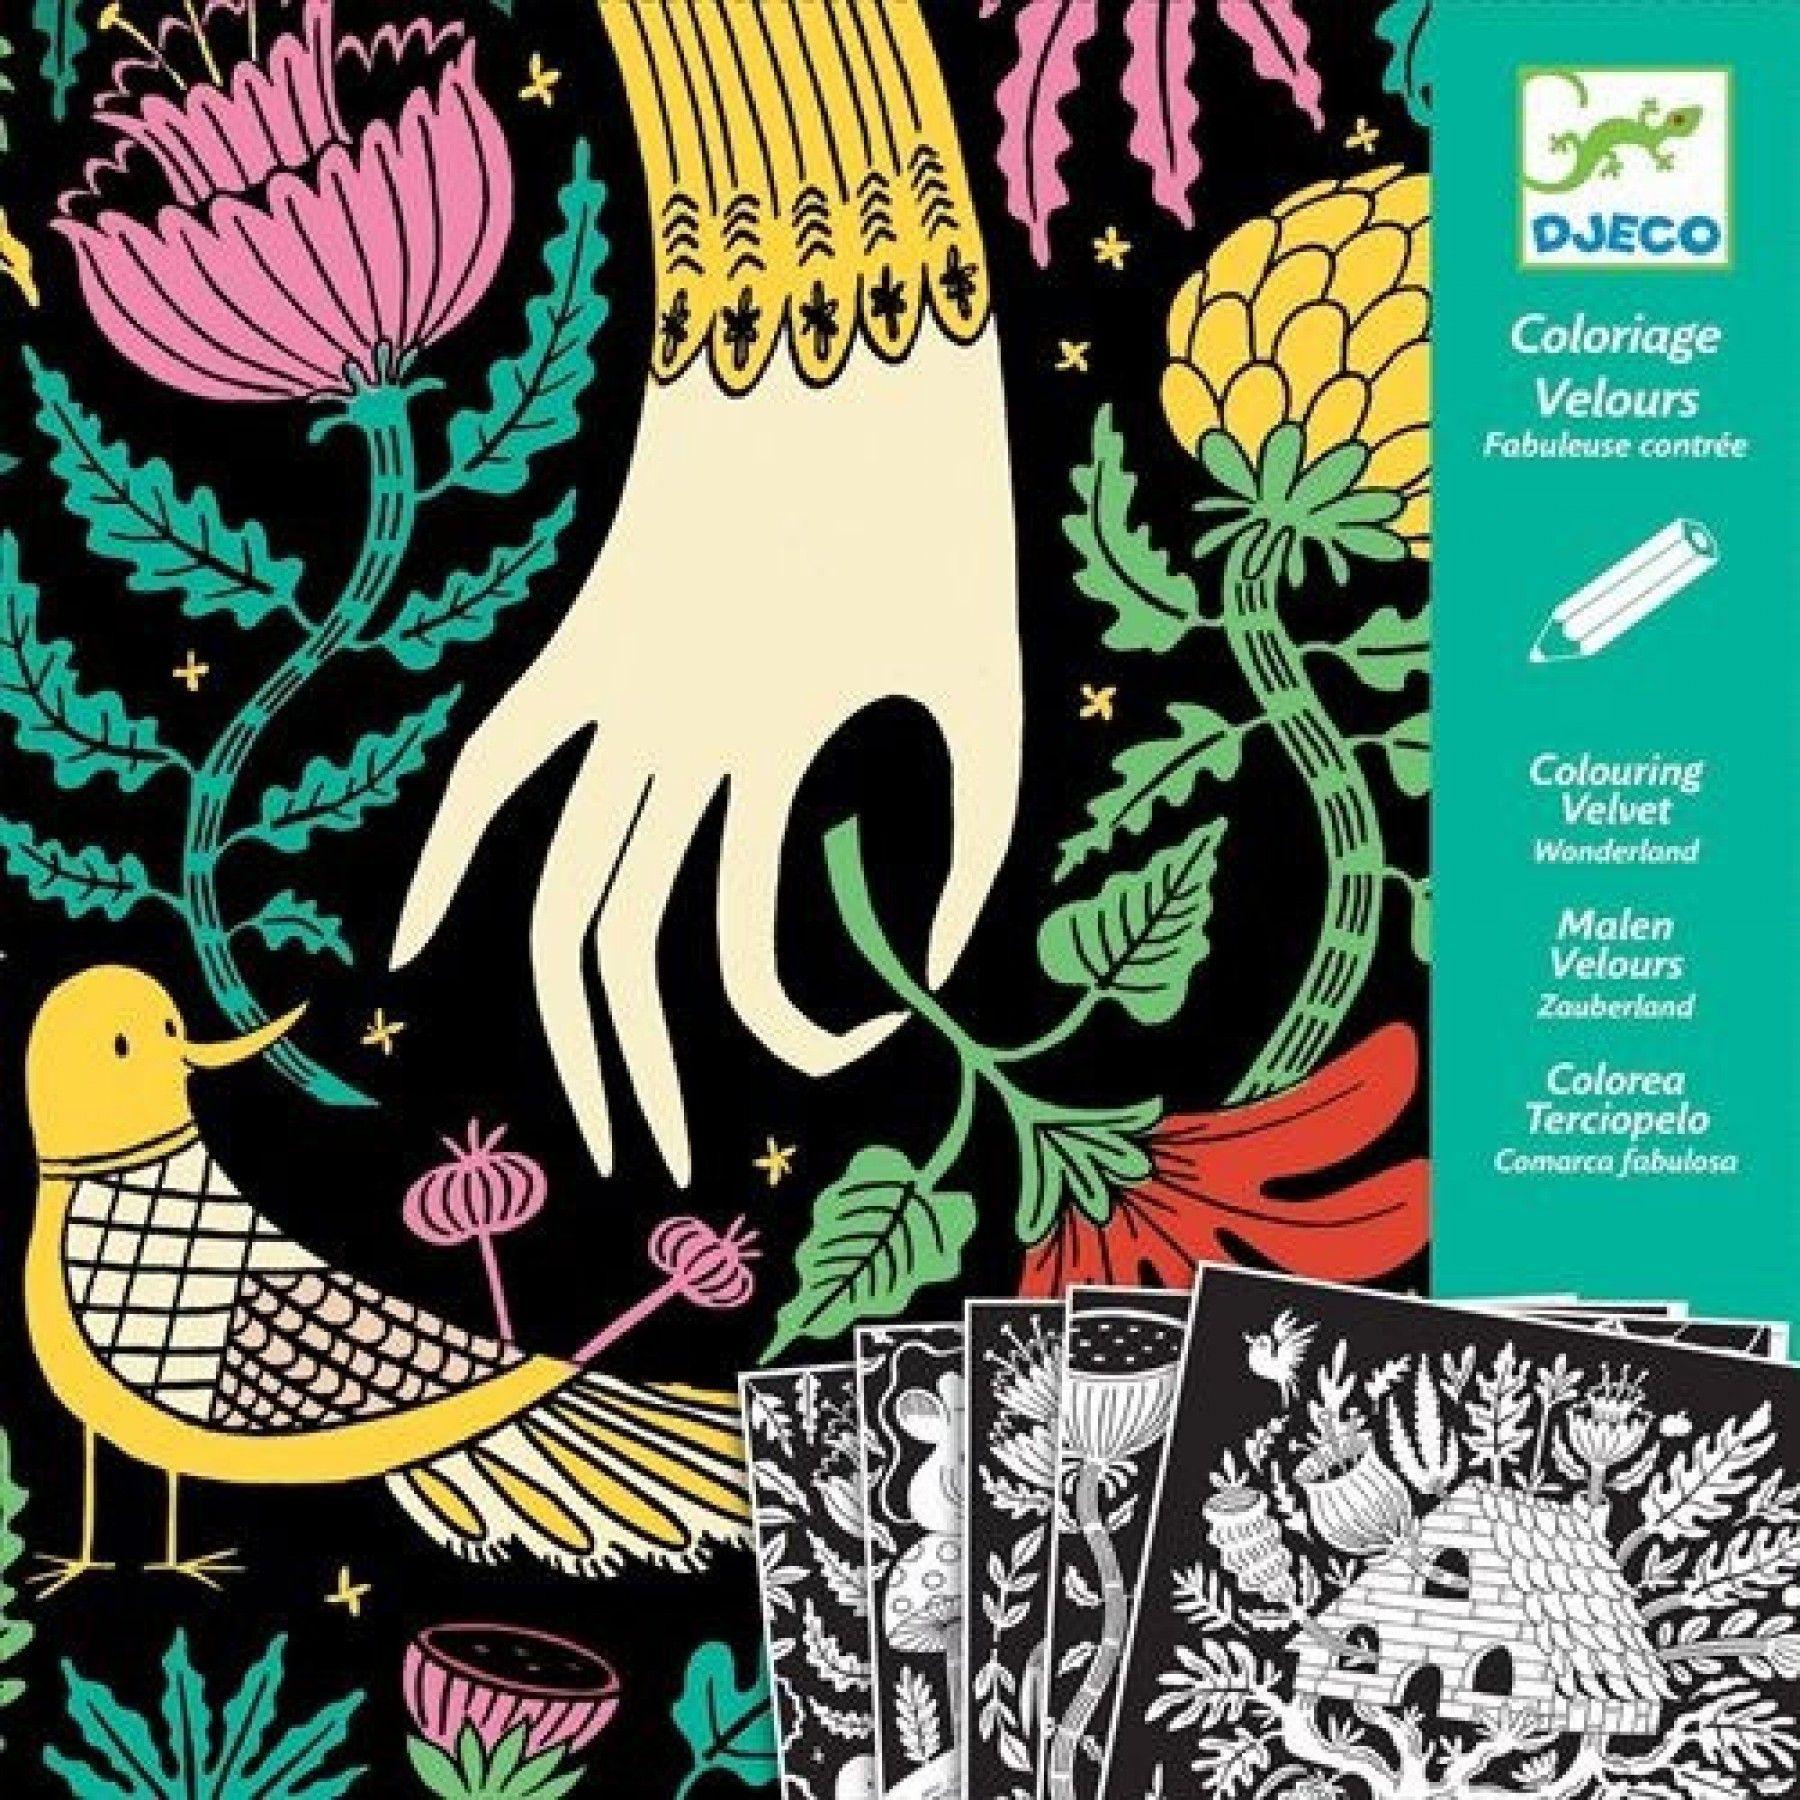 Djeco 5 Fluwelen Kleurplaten Wonderland Dj09626 Ilovespeelgoed Nl Wonderland Kinderkleurplaten Kleurplaten